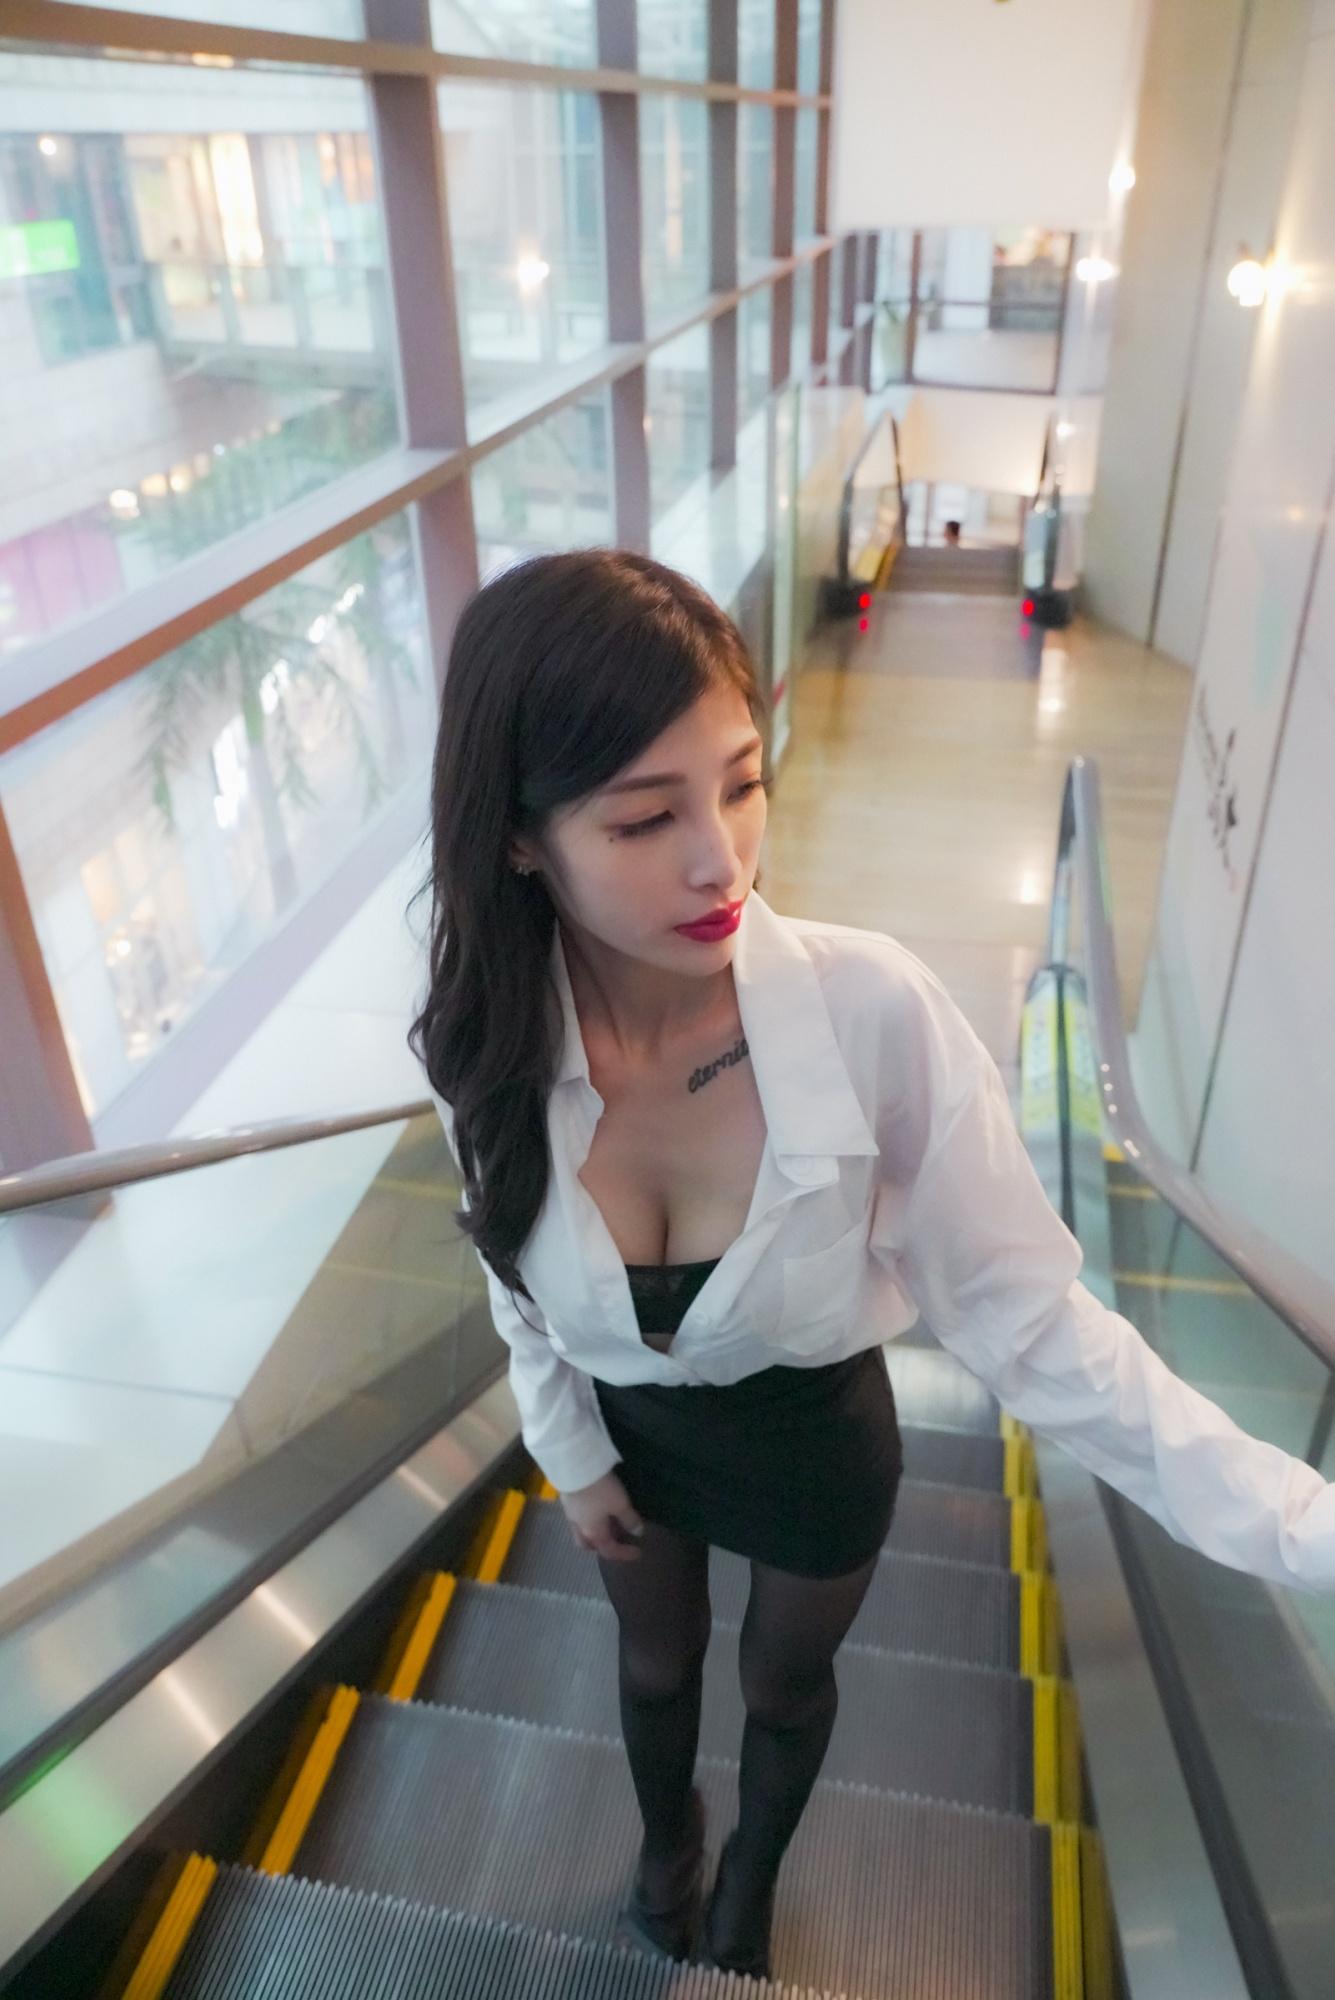 大直美丽华「超辣OL」黑丝美腿有够养眼!-新图包